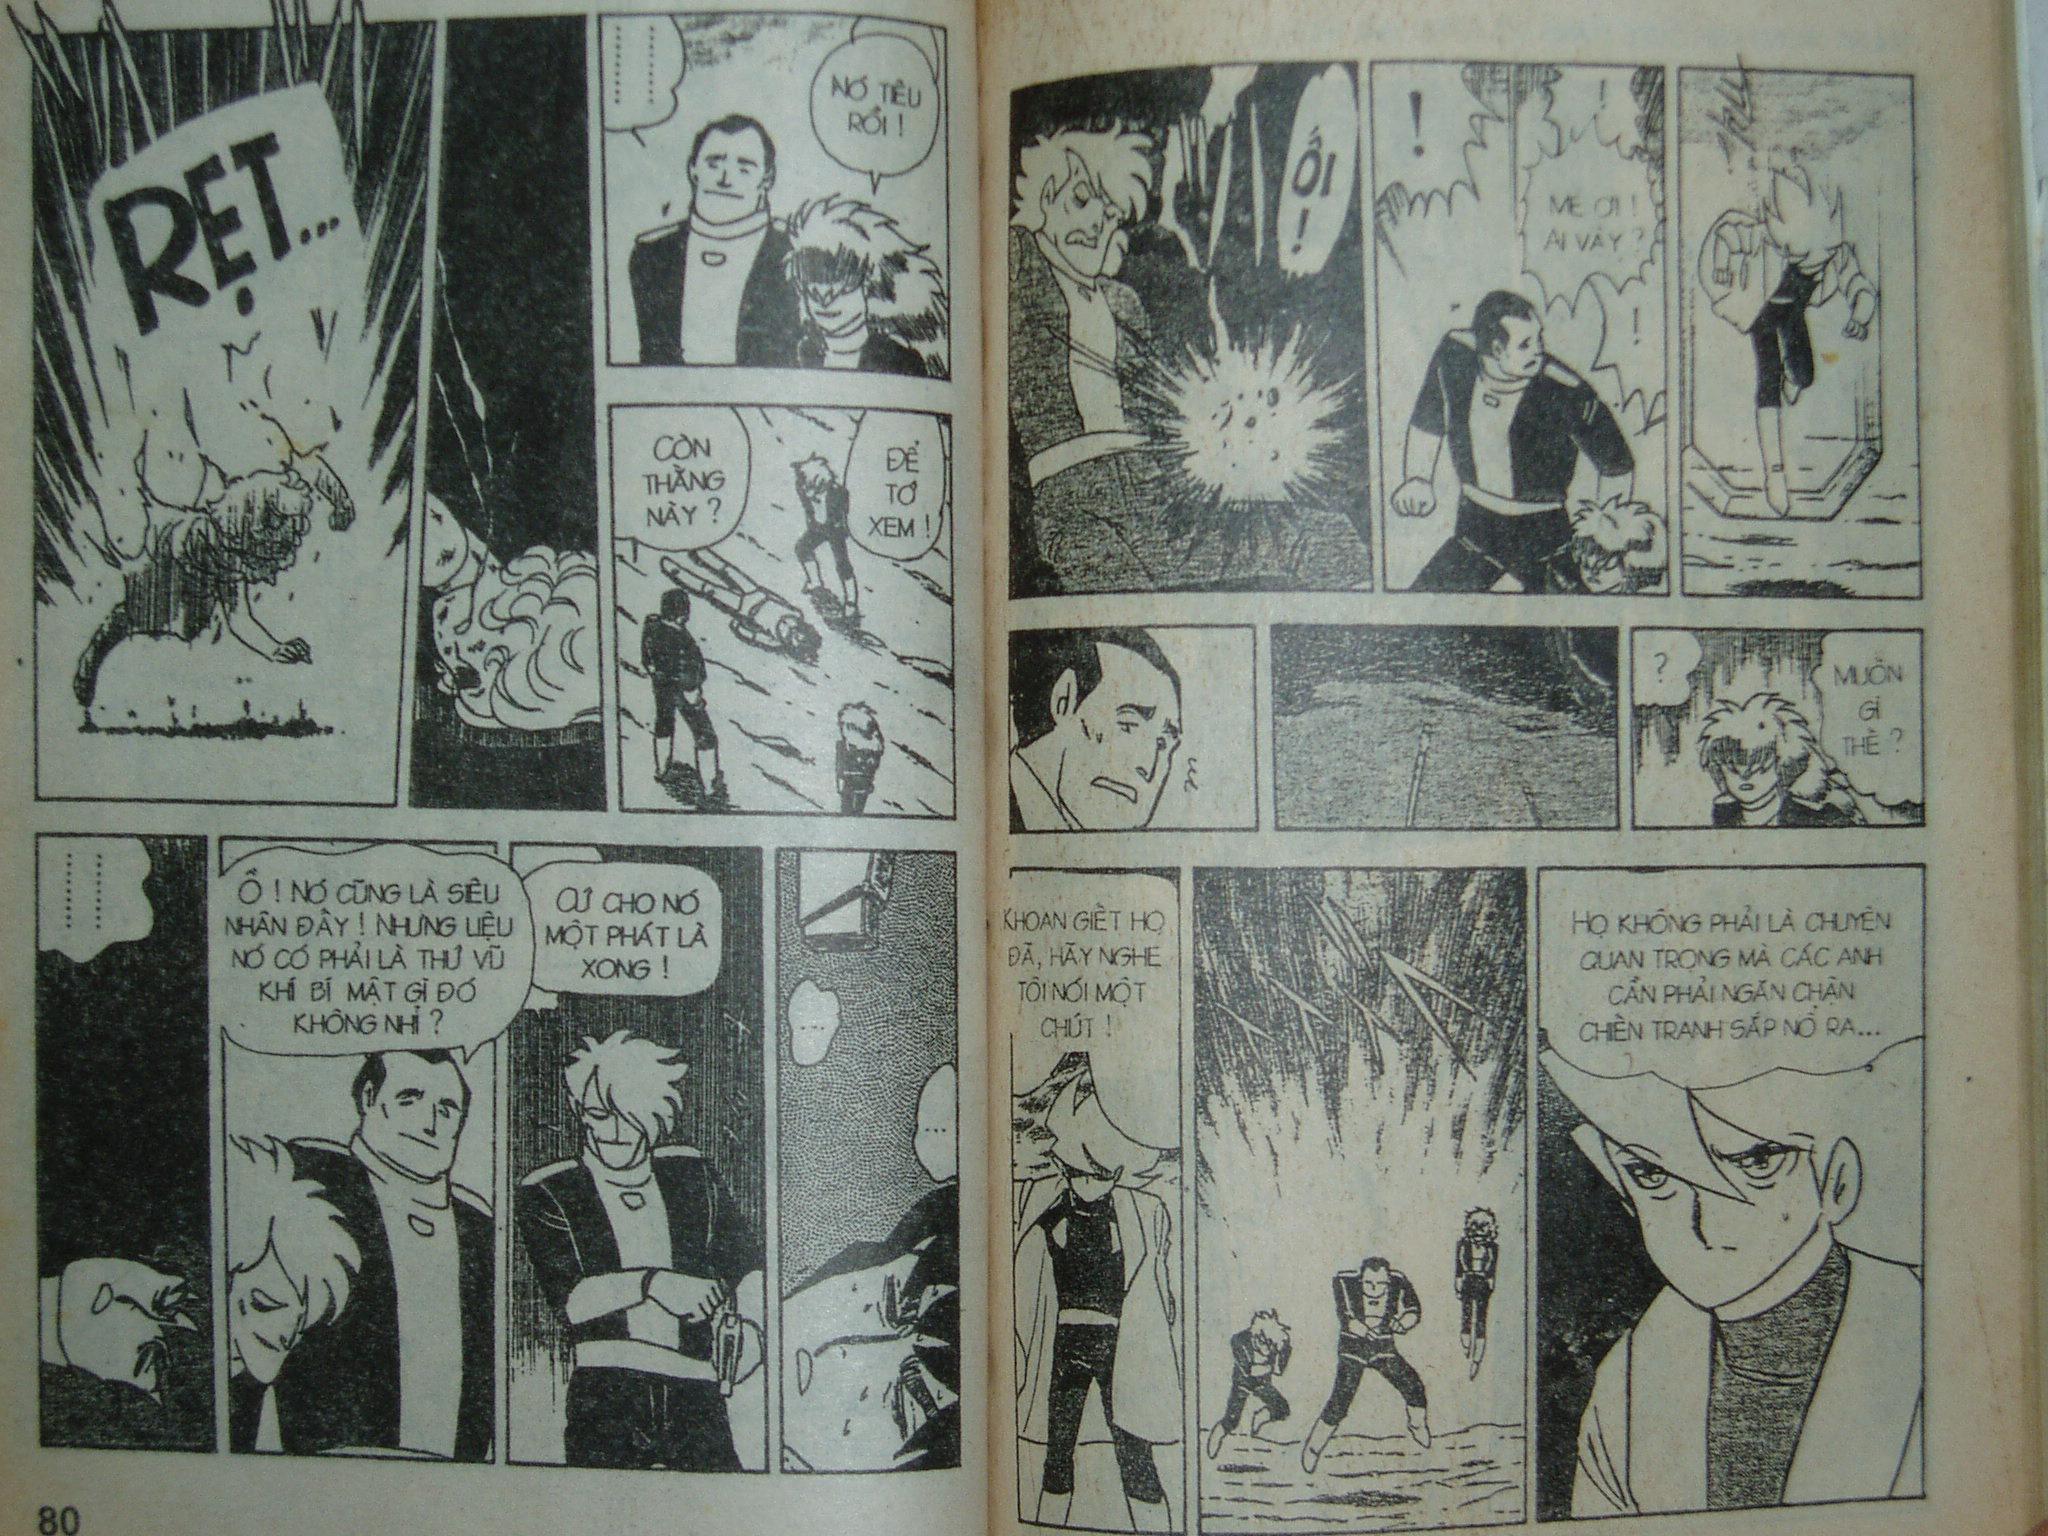 Siêu nhân Locke vol 17 trang 39